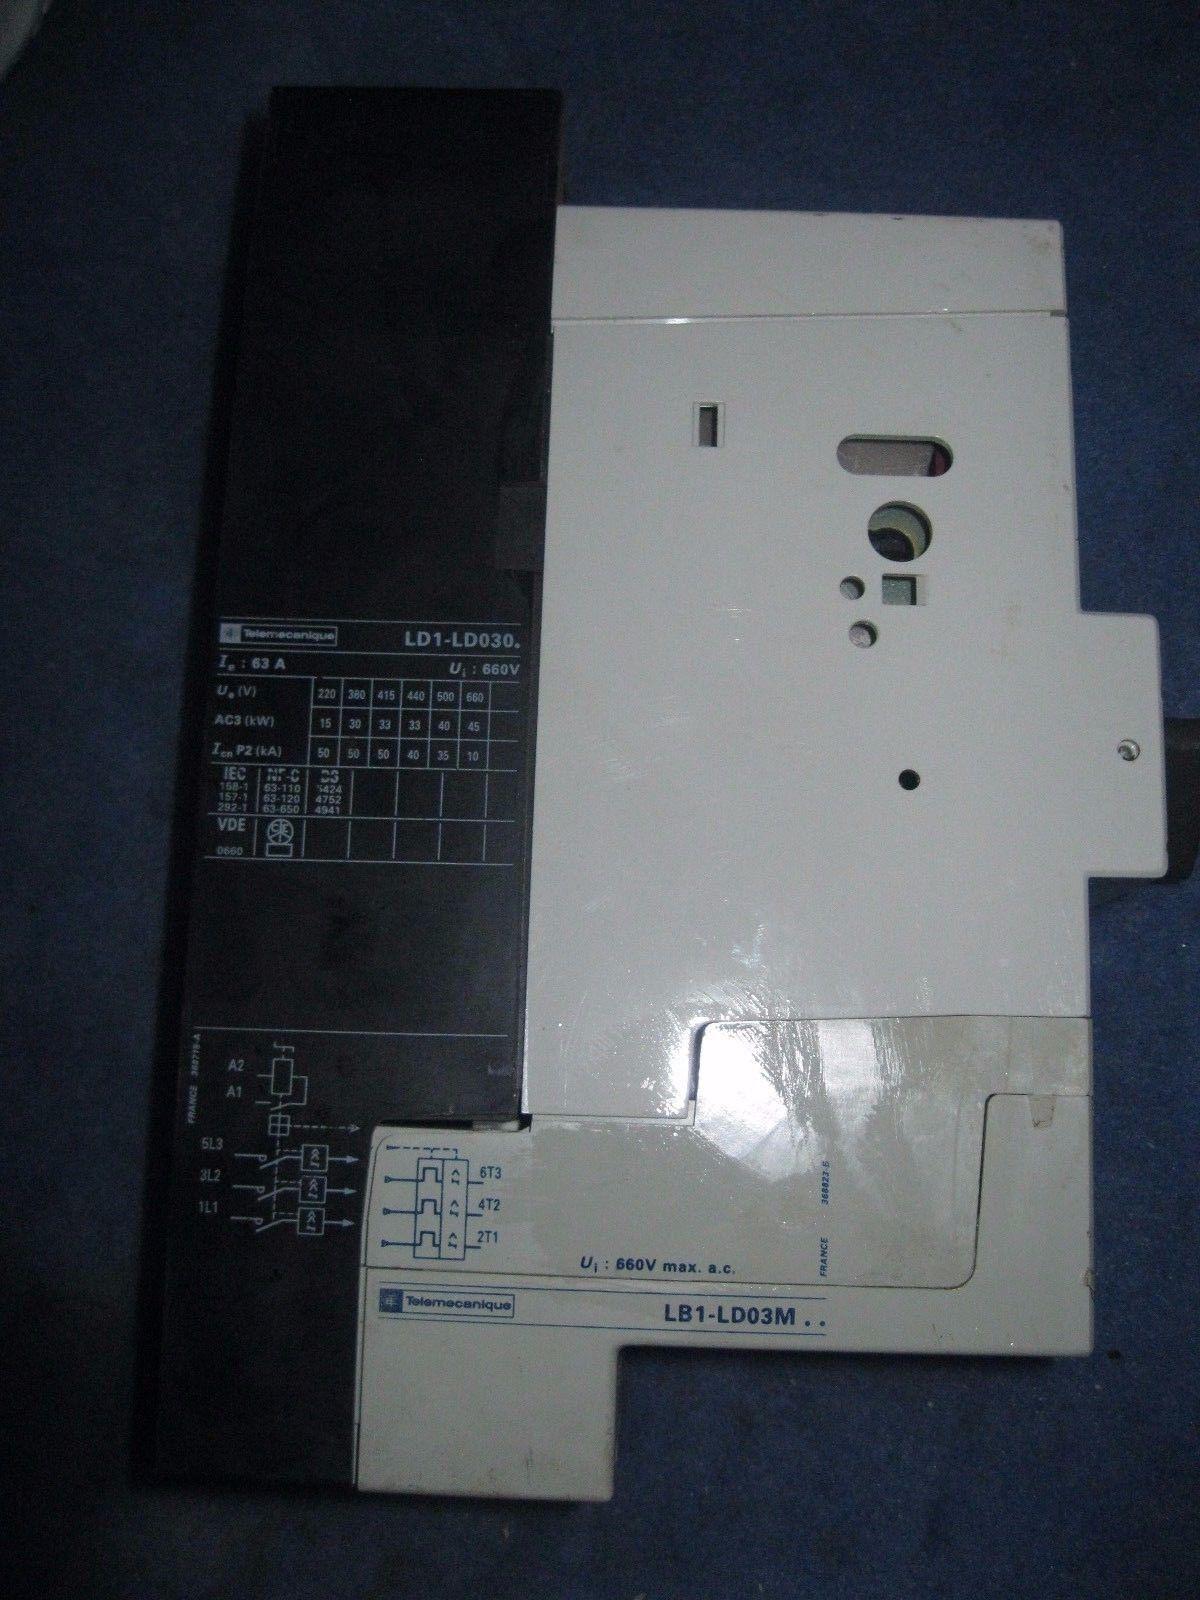 la1-lc010 motor de arranque lb1-ld03m Telemecanique integral 63